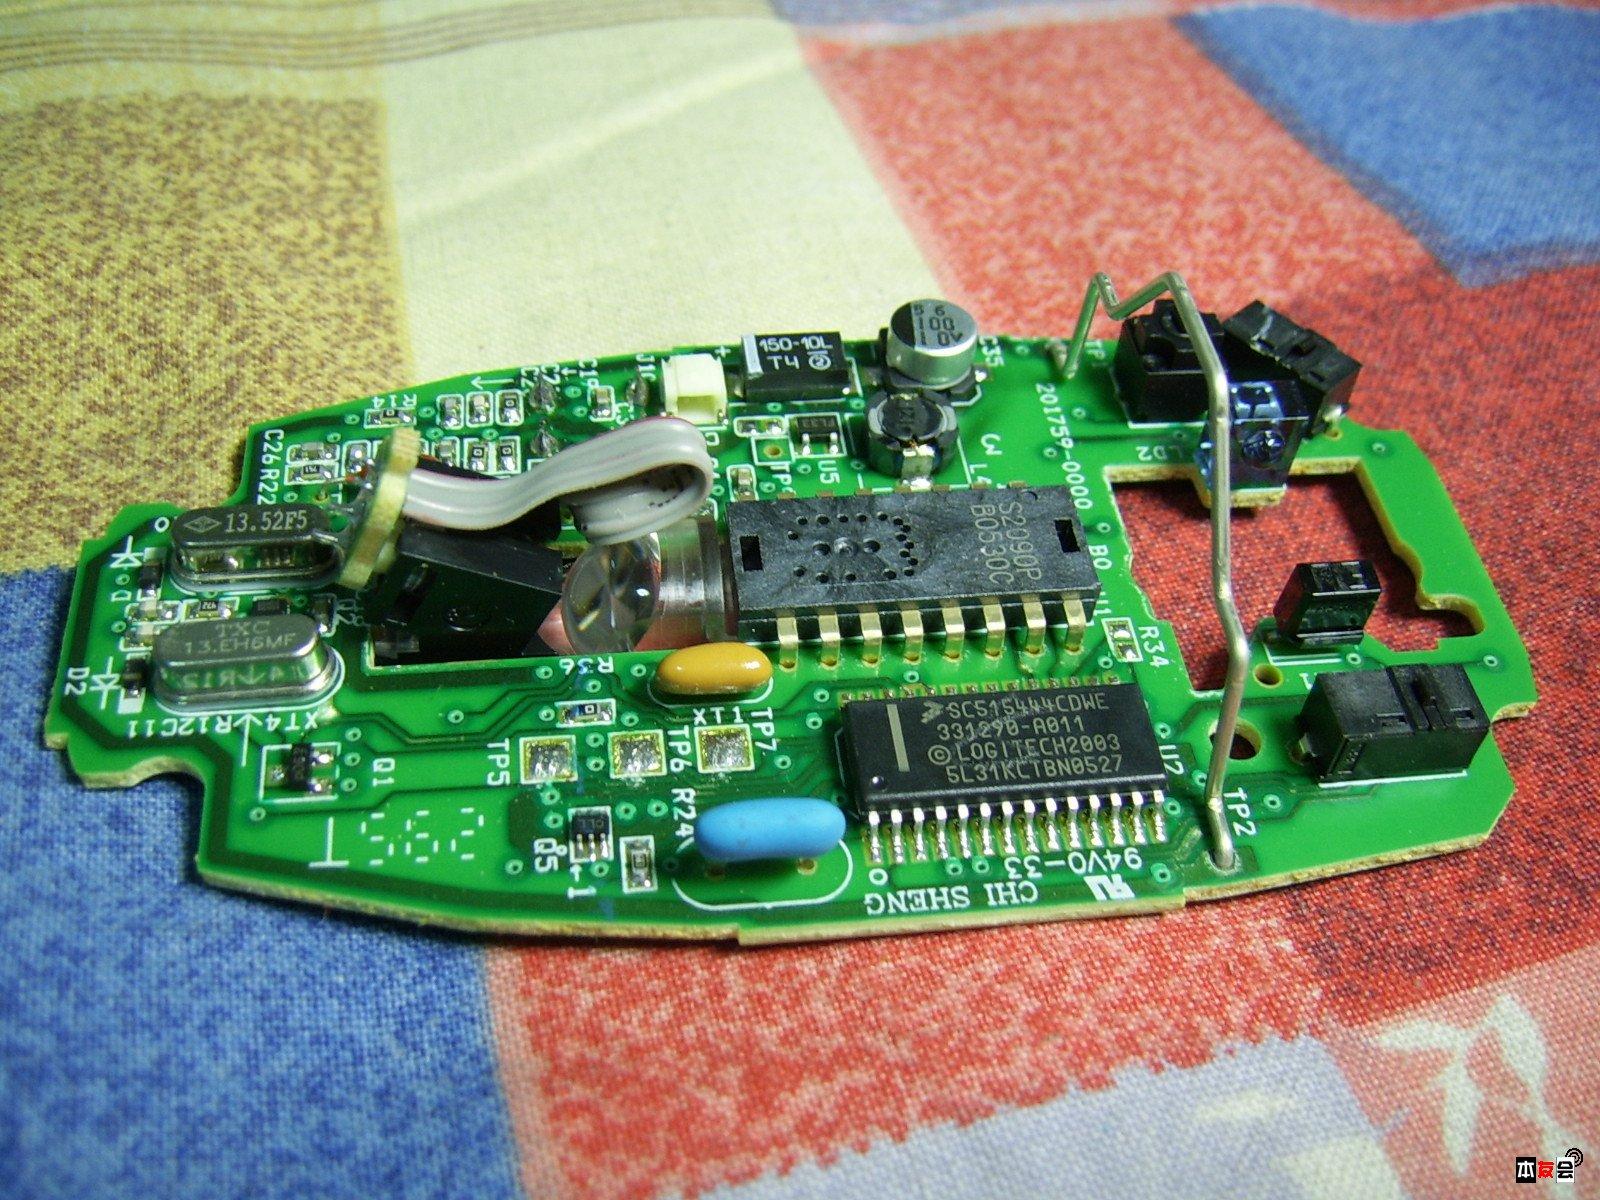 近日,购得工包 罗技无限迷你晶貂(Logitech Cordless Optical Mouse for NoteBook) 采用了无线射频技术的鼠标产品,只是罗技特有的RF高速无线传输技术,使得该鼠标和计算机之间报告速率高达每秒125次报告,而这是目前USB接口每秒最多能处理的报告数。 整个鼠标线条简练而大方,虽没有人体工学鼠标那样怪异的外形,但握在手中仍然感到比较舒服。 该鼠标的垫脚,采用三点设计,前部两点为菱形,各居左右,后面一点呈等边三角形,贯穿左右。大垫脚的好处是,对应不同工作环境都能保持相对稳